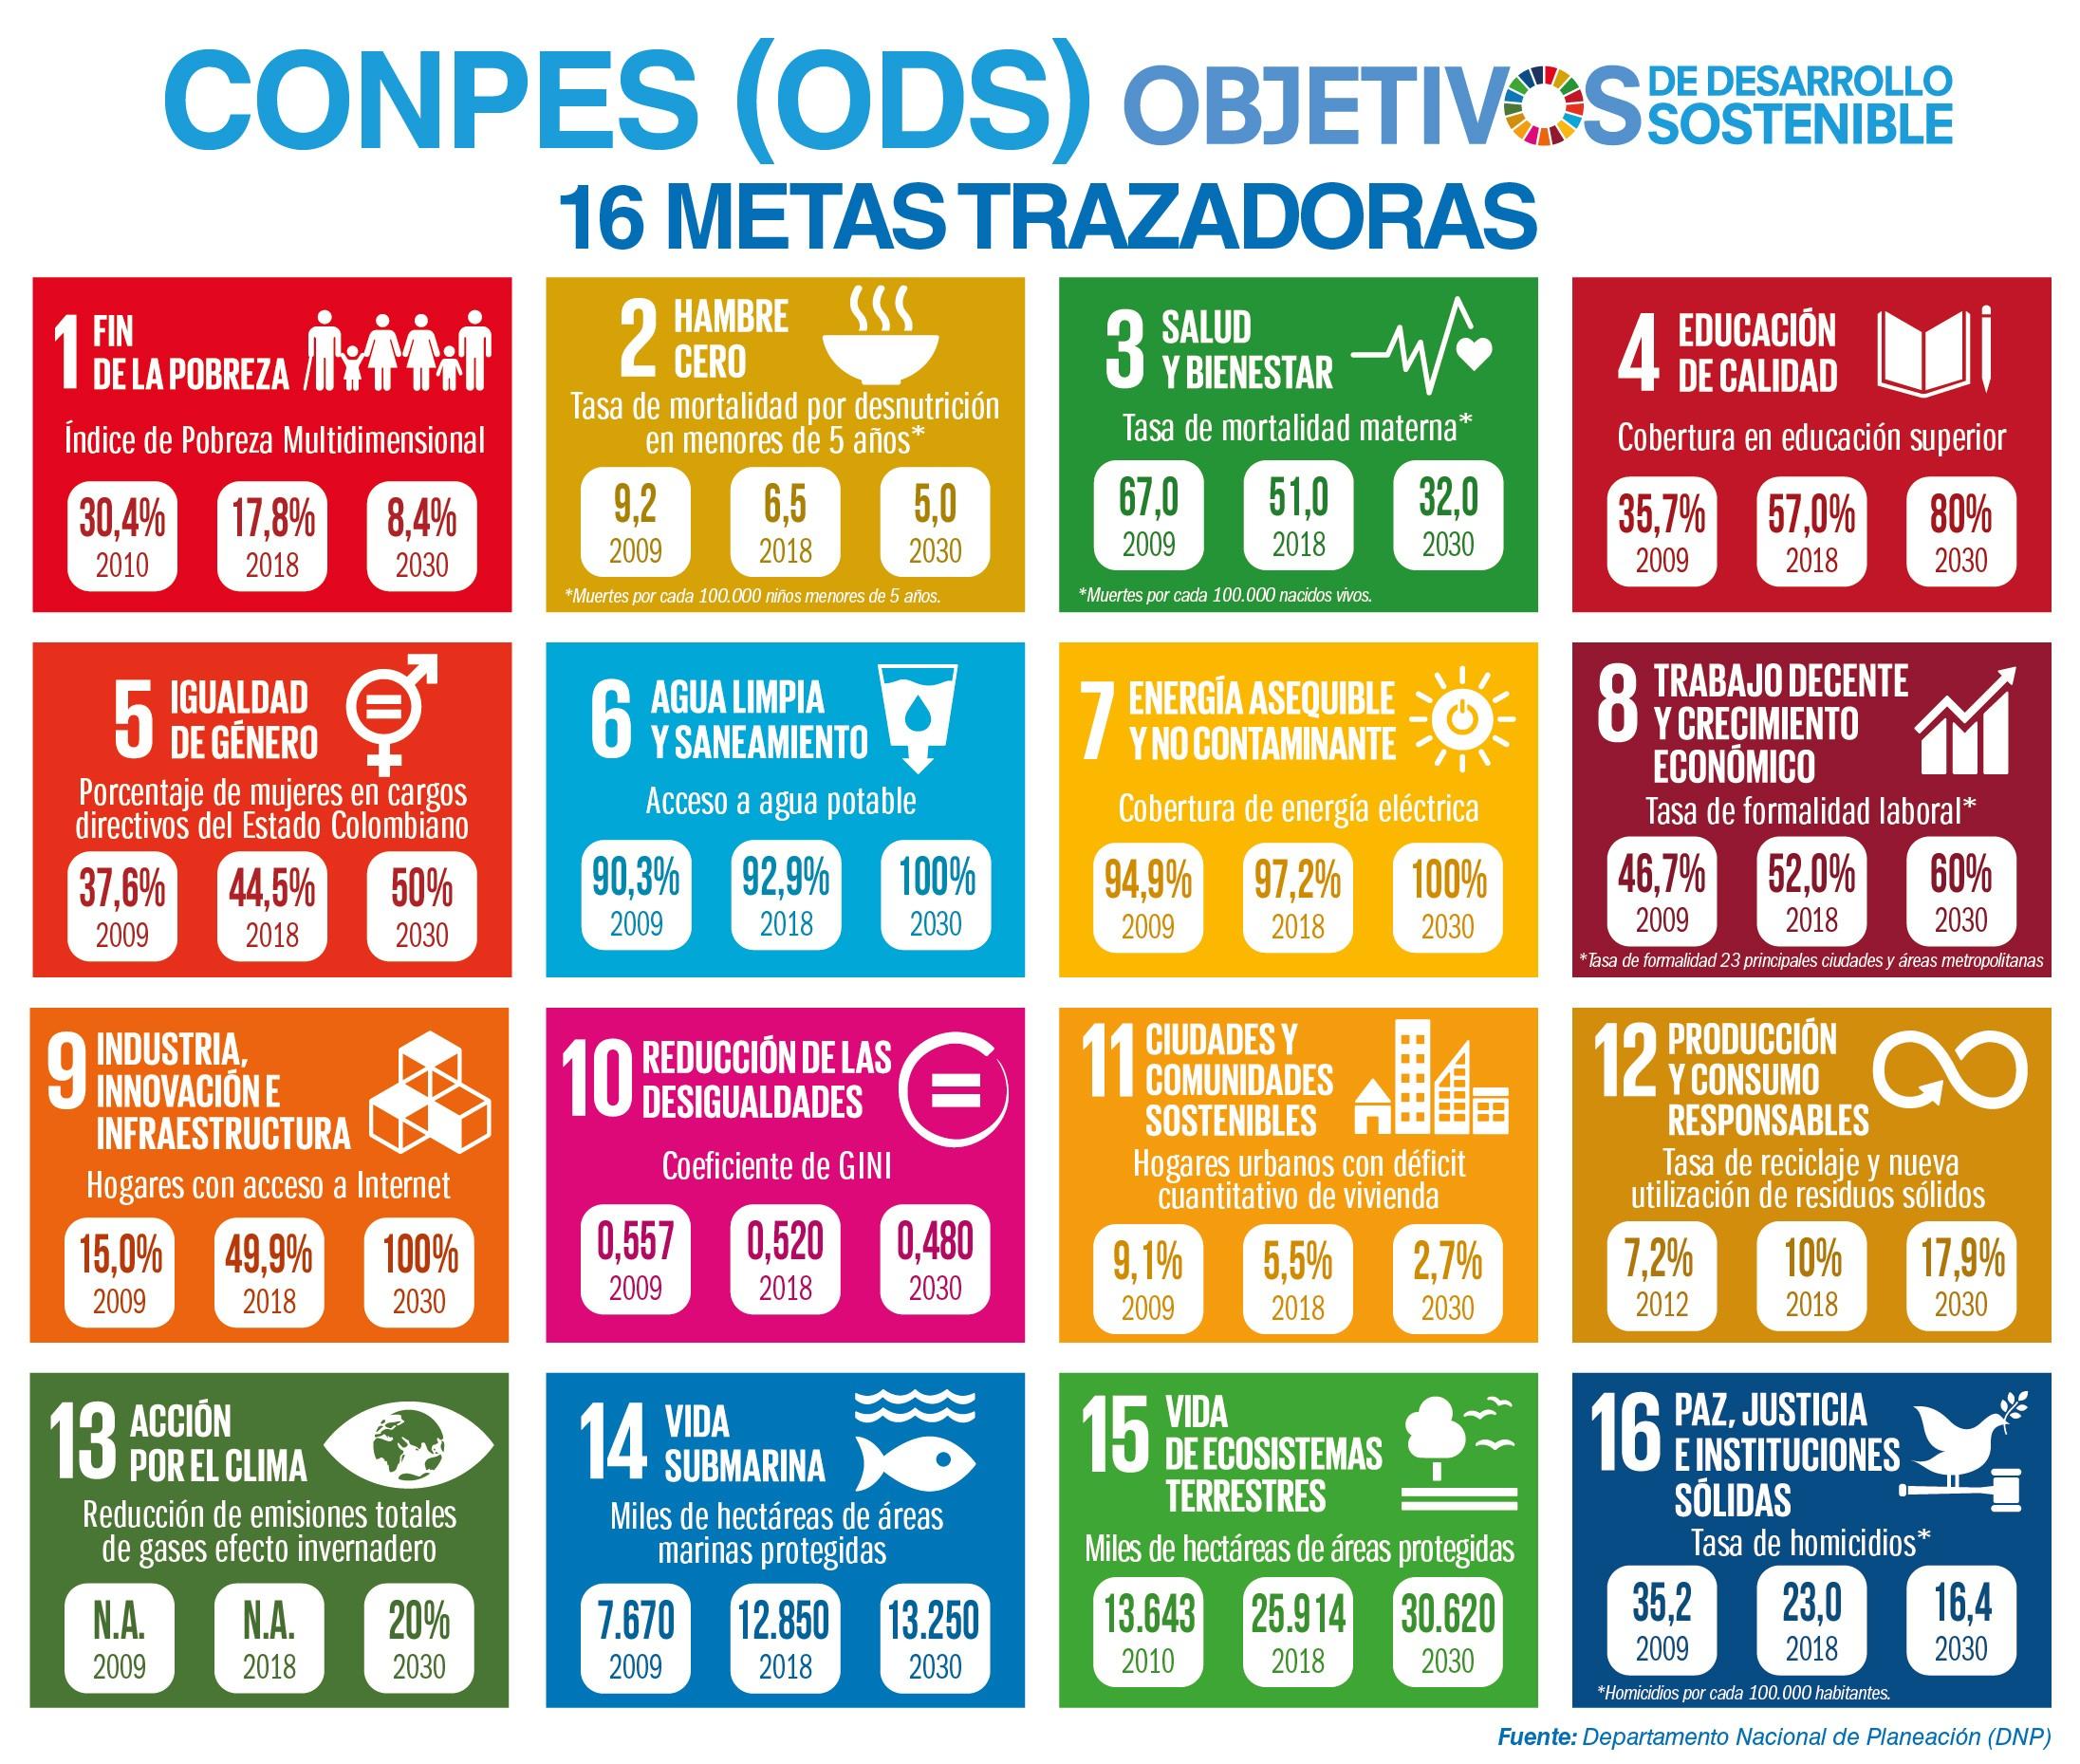 Las 16 grandes apuestas de Colombia para cumplir los Objetivos de